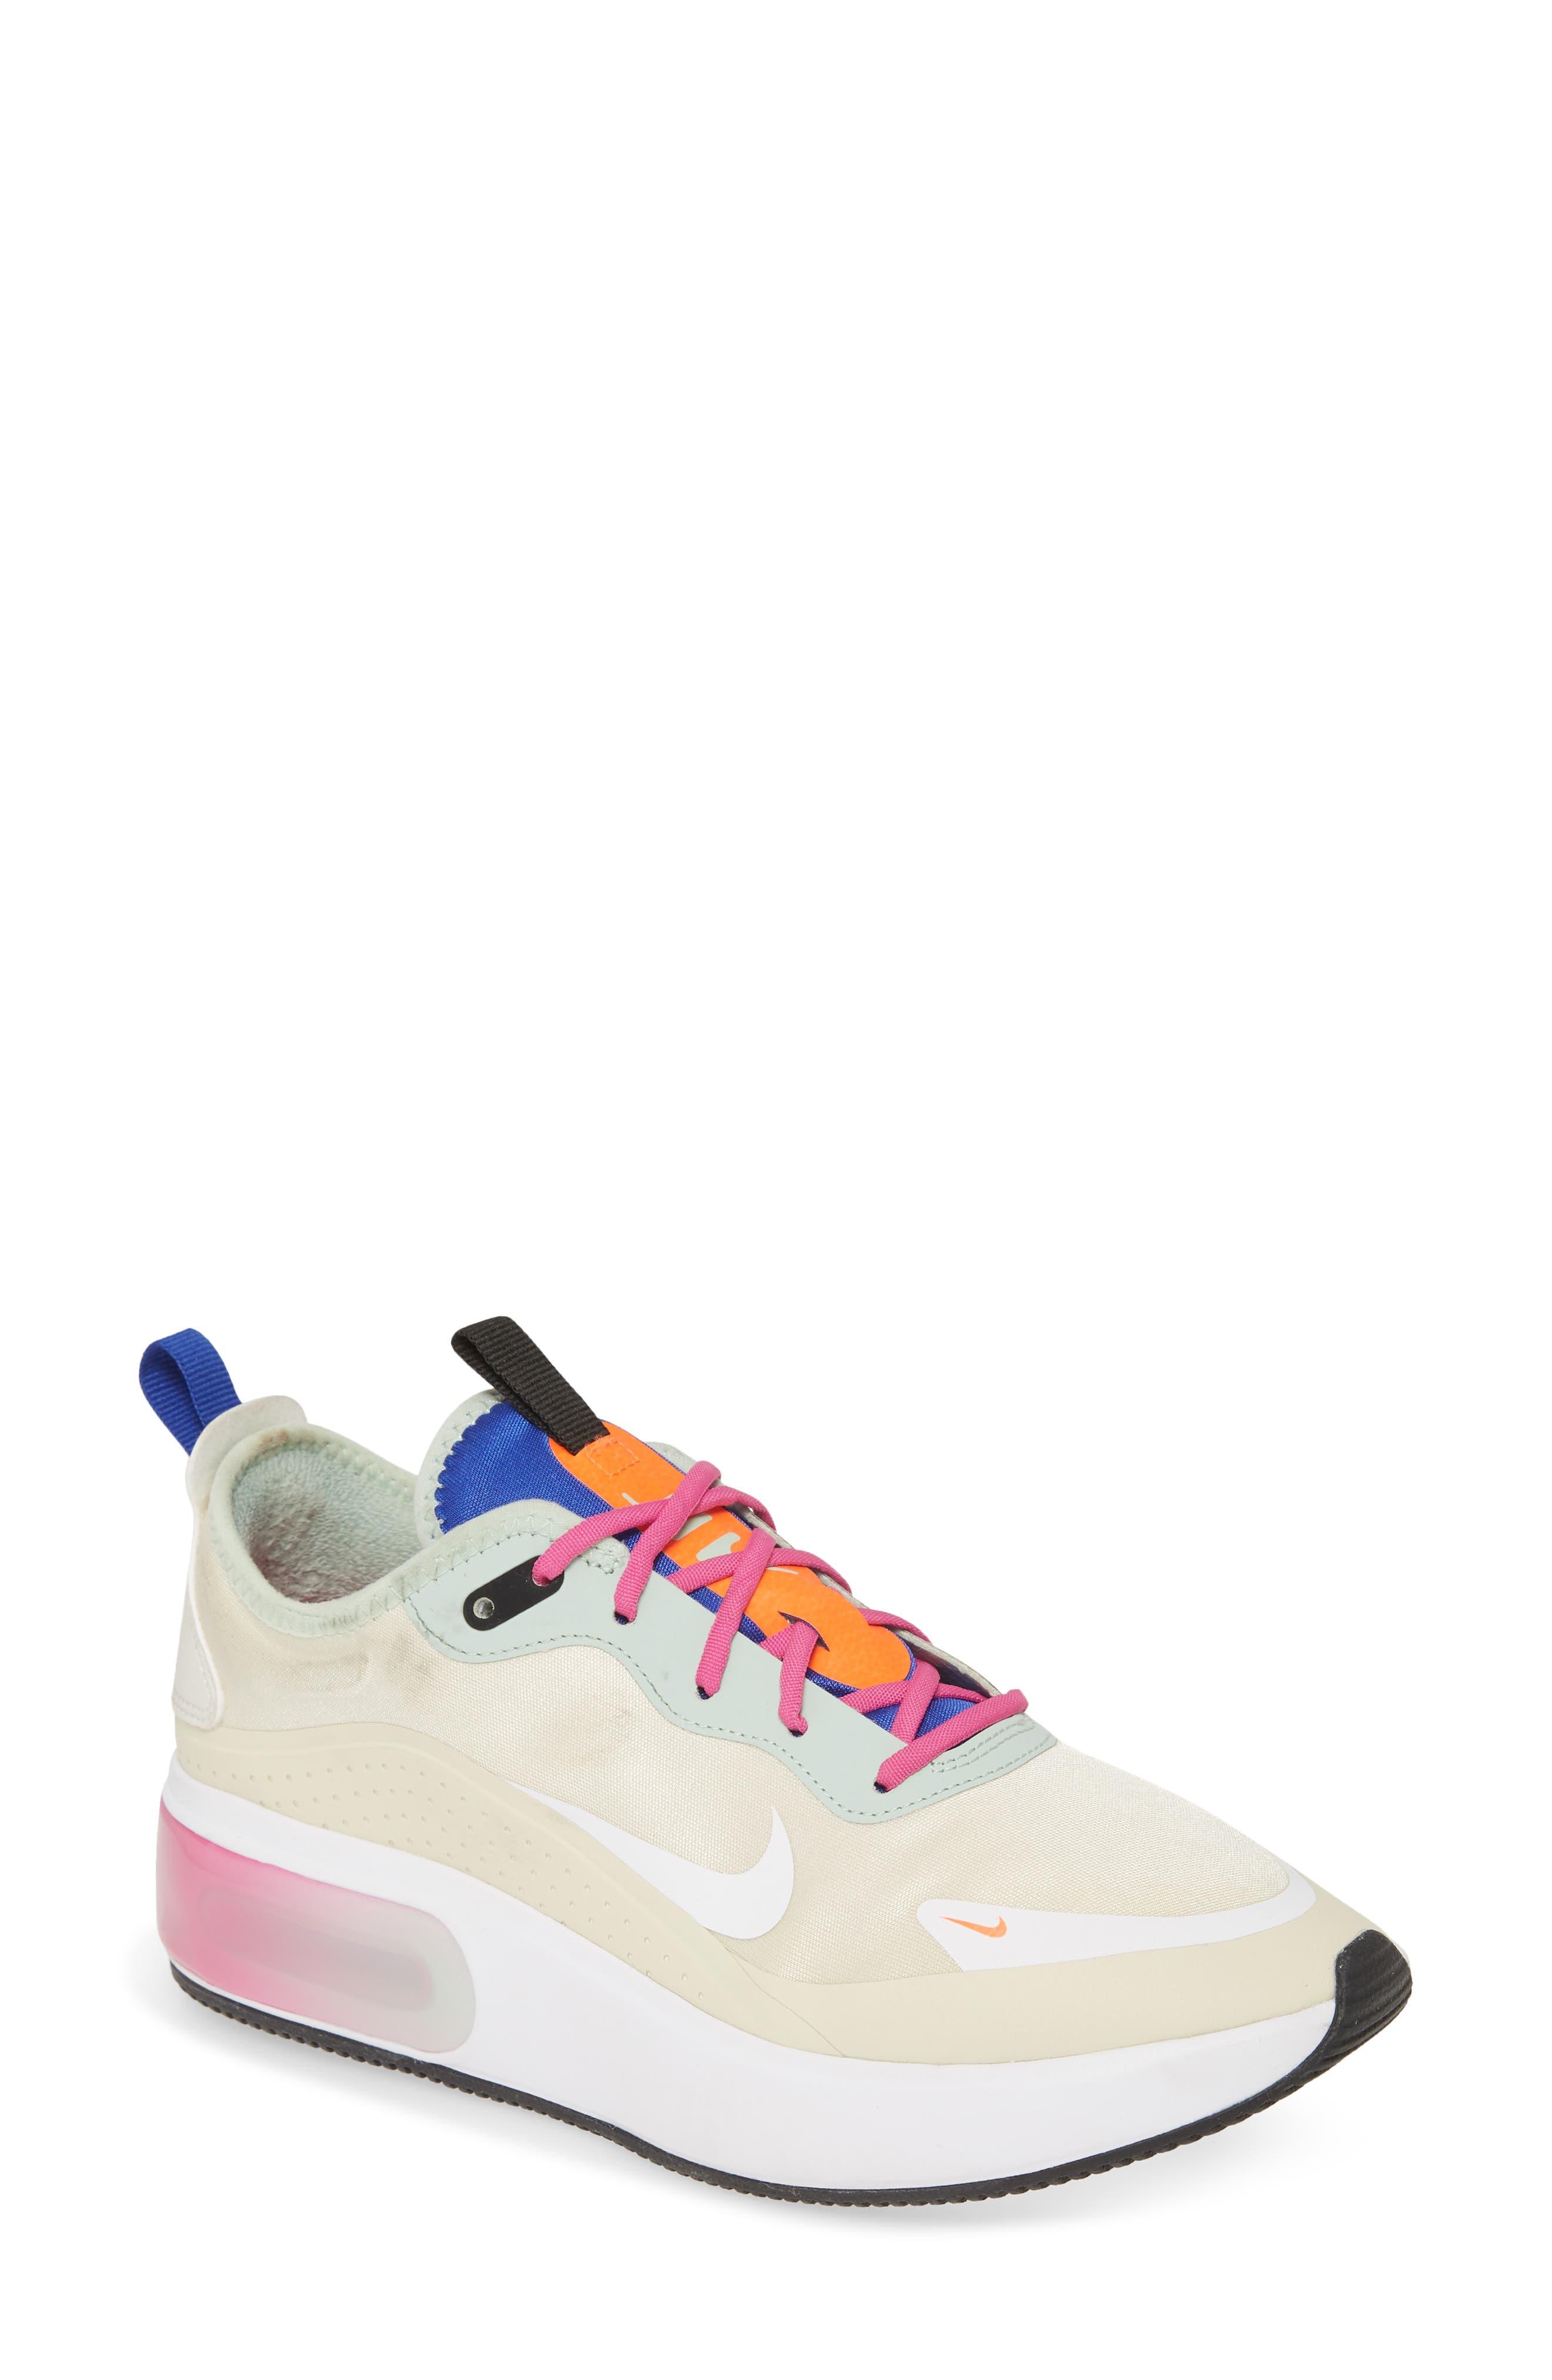 Nike   Air Max Dia Sneaker   Nordstrom Rack